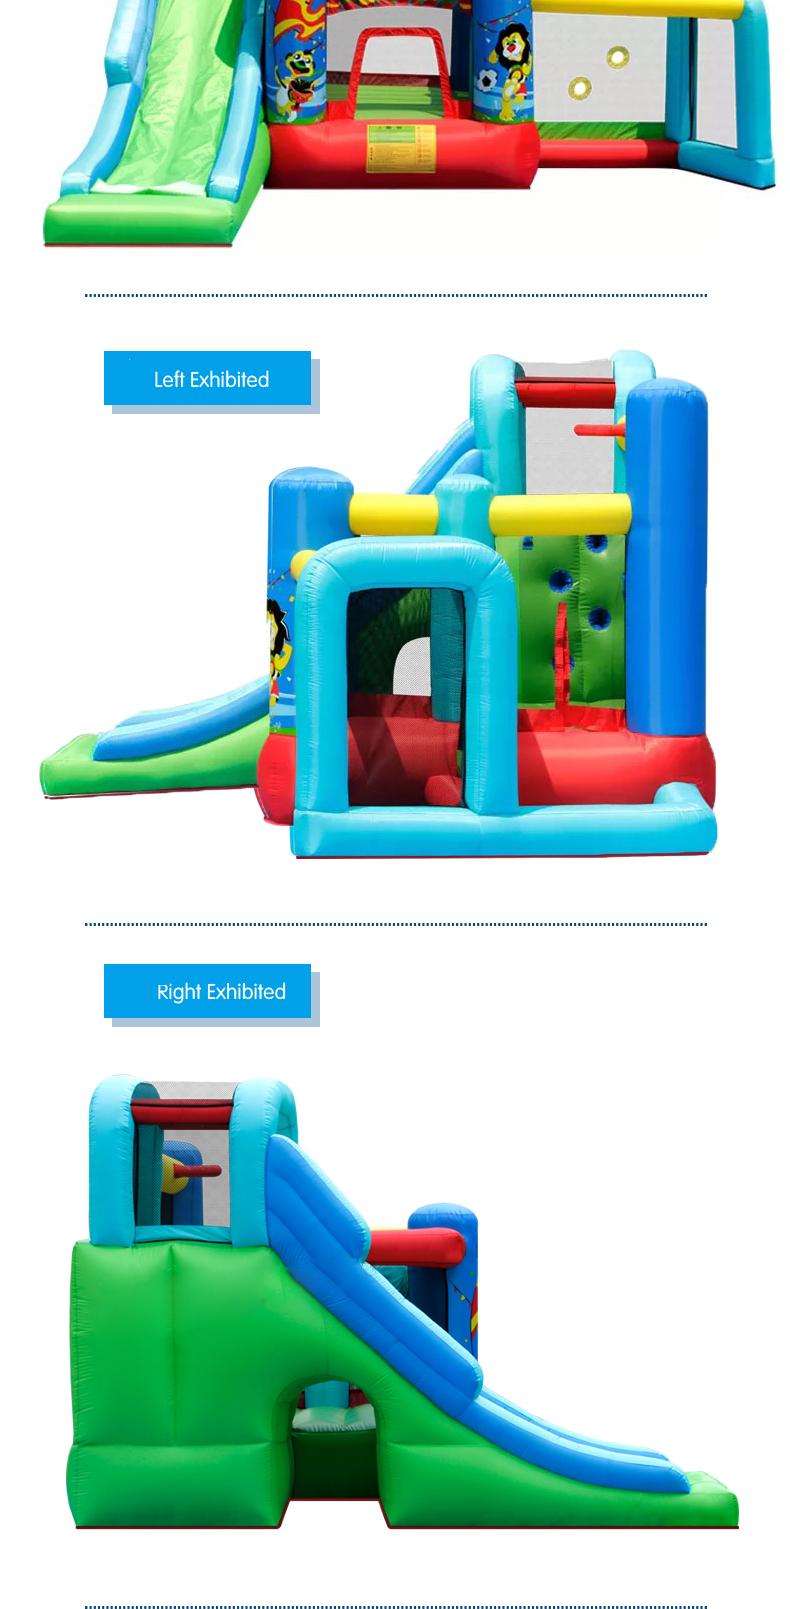 HTB1qznHPFXXXXXbXXXXq6xXFXXXg - Mr. Fun Animal World Cup Inflatable Trampoline Bounce House with Kids Slide Playhouse with Blower